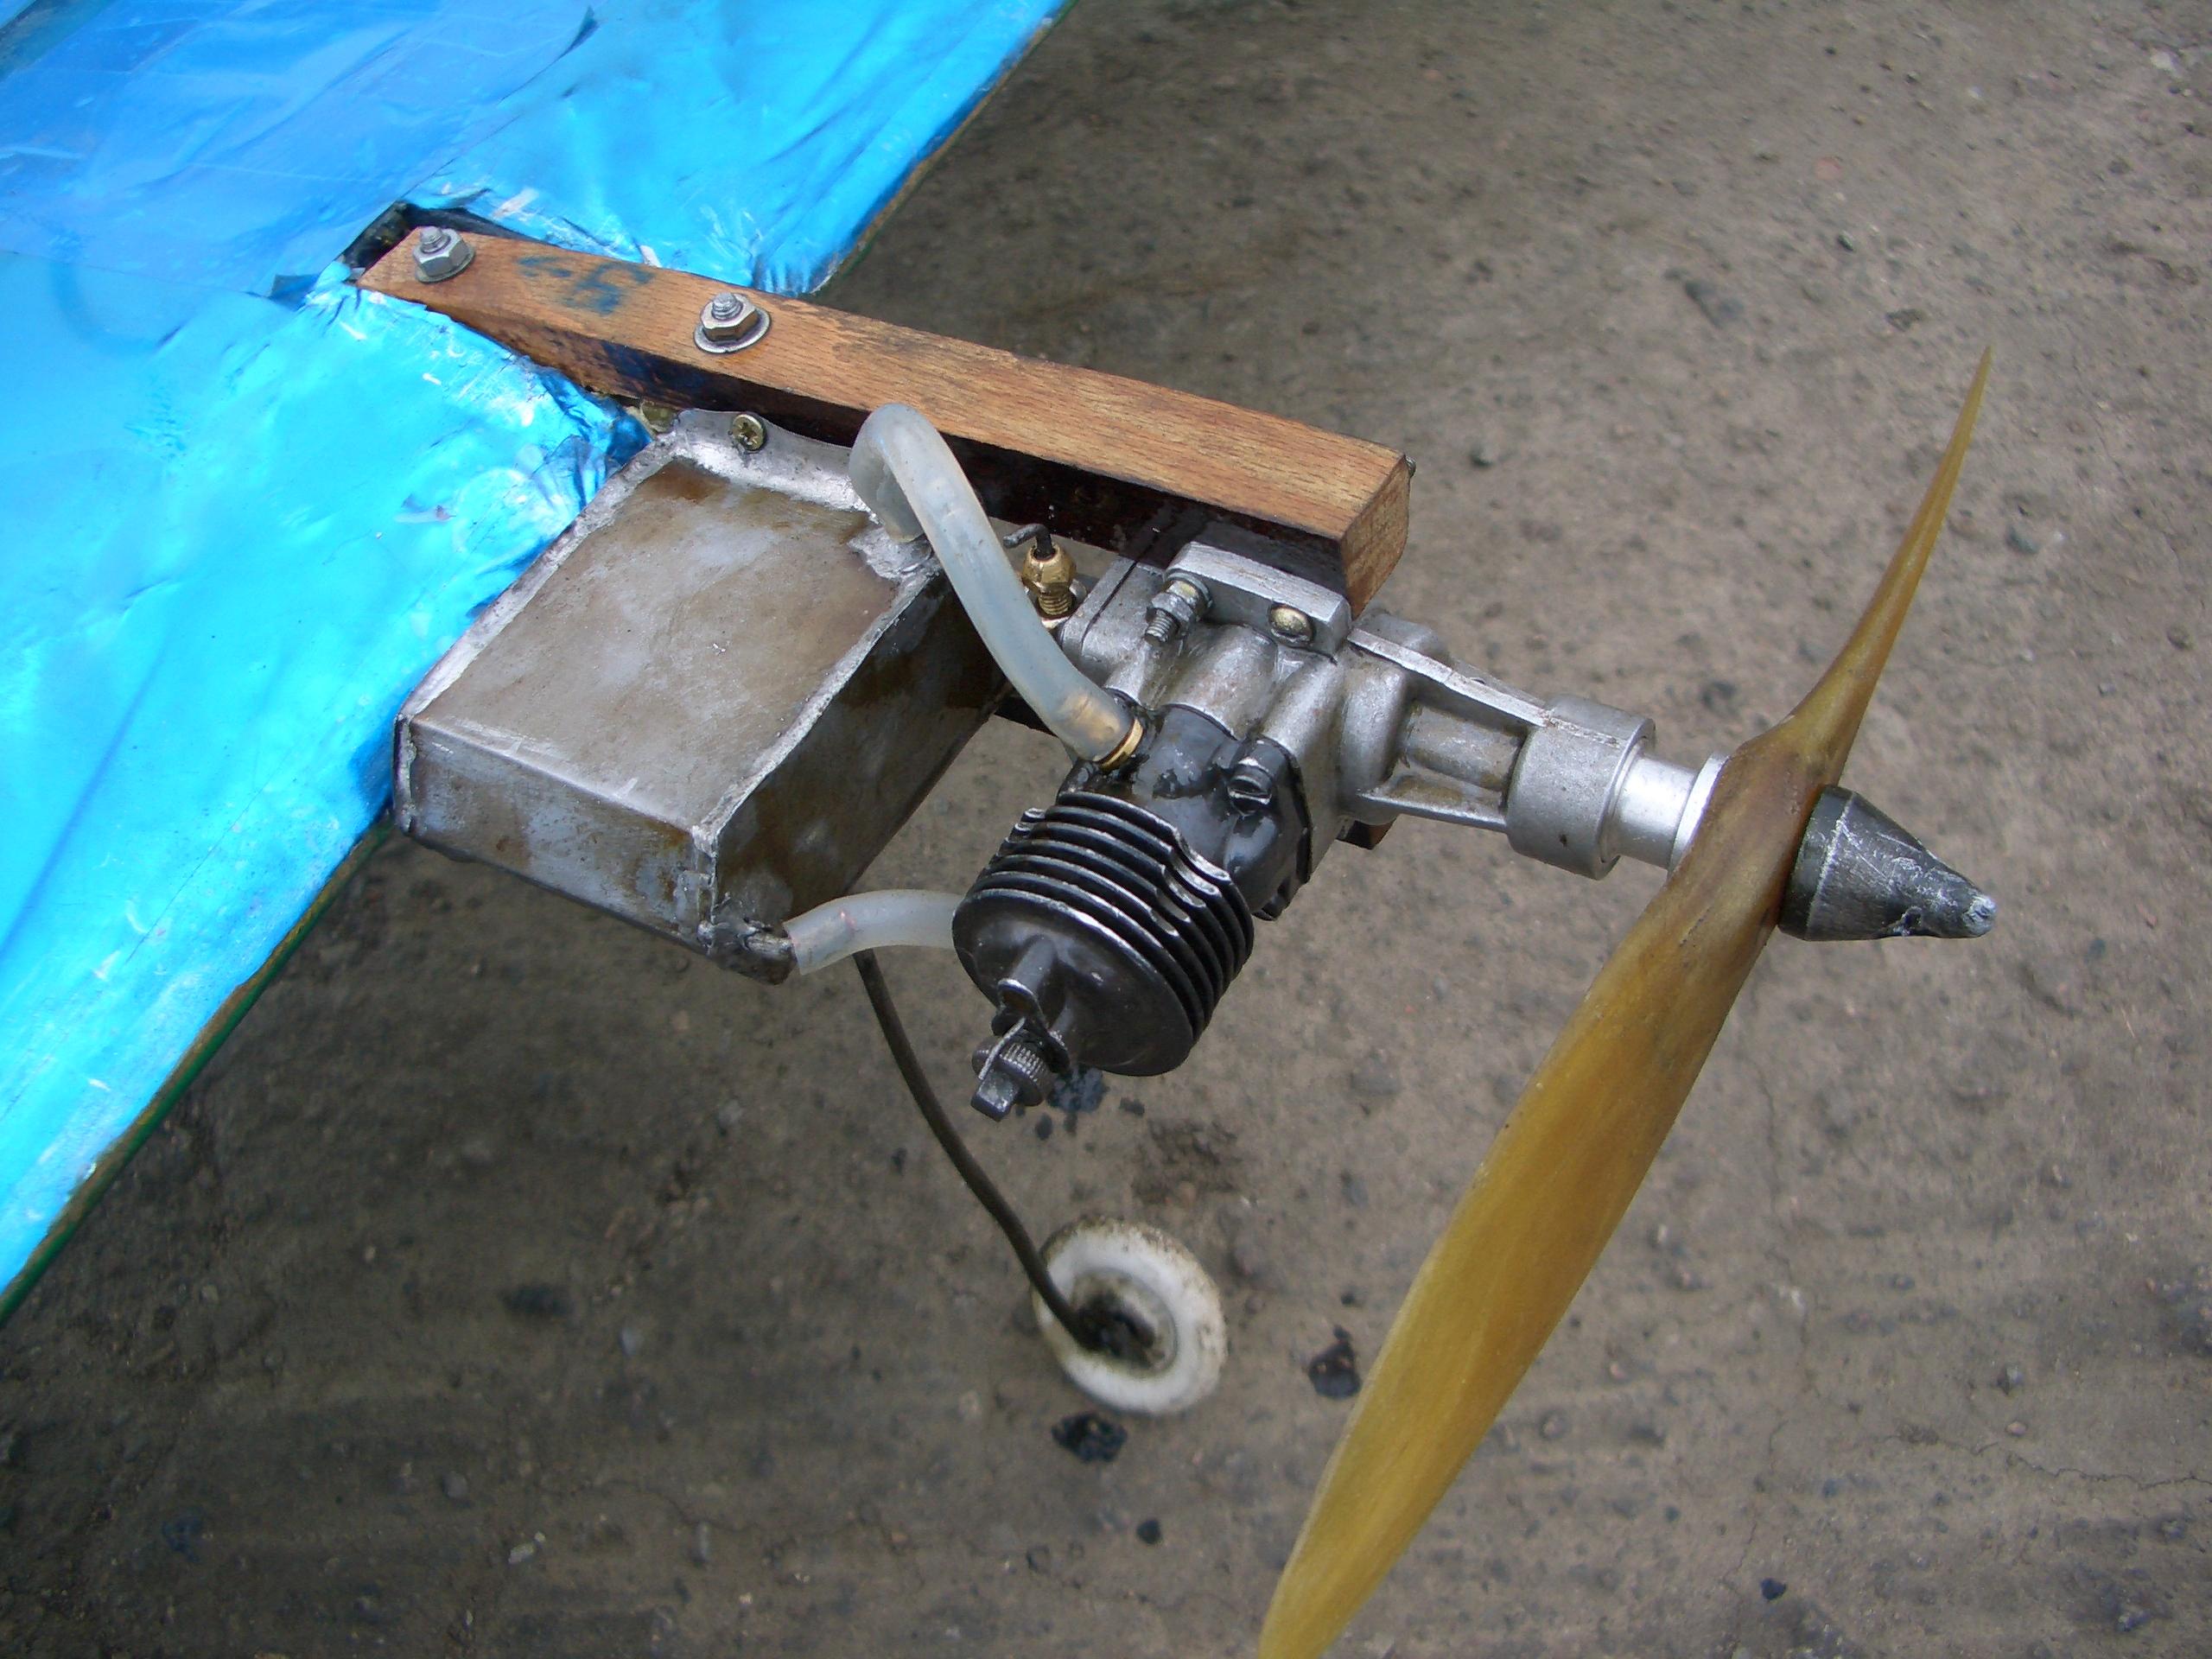 Двигатели для моделей самолетов своими руками